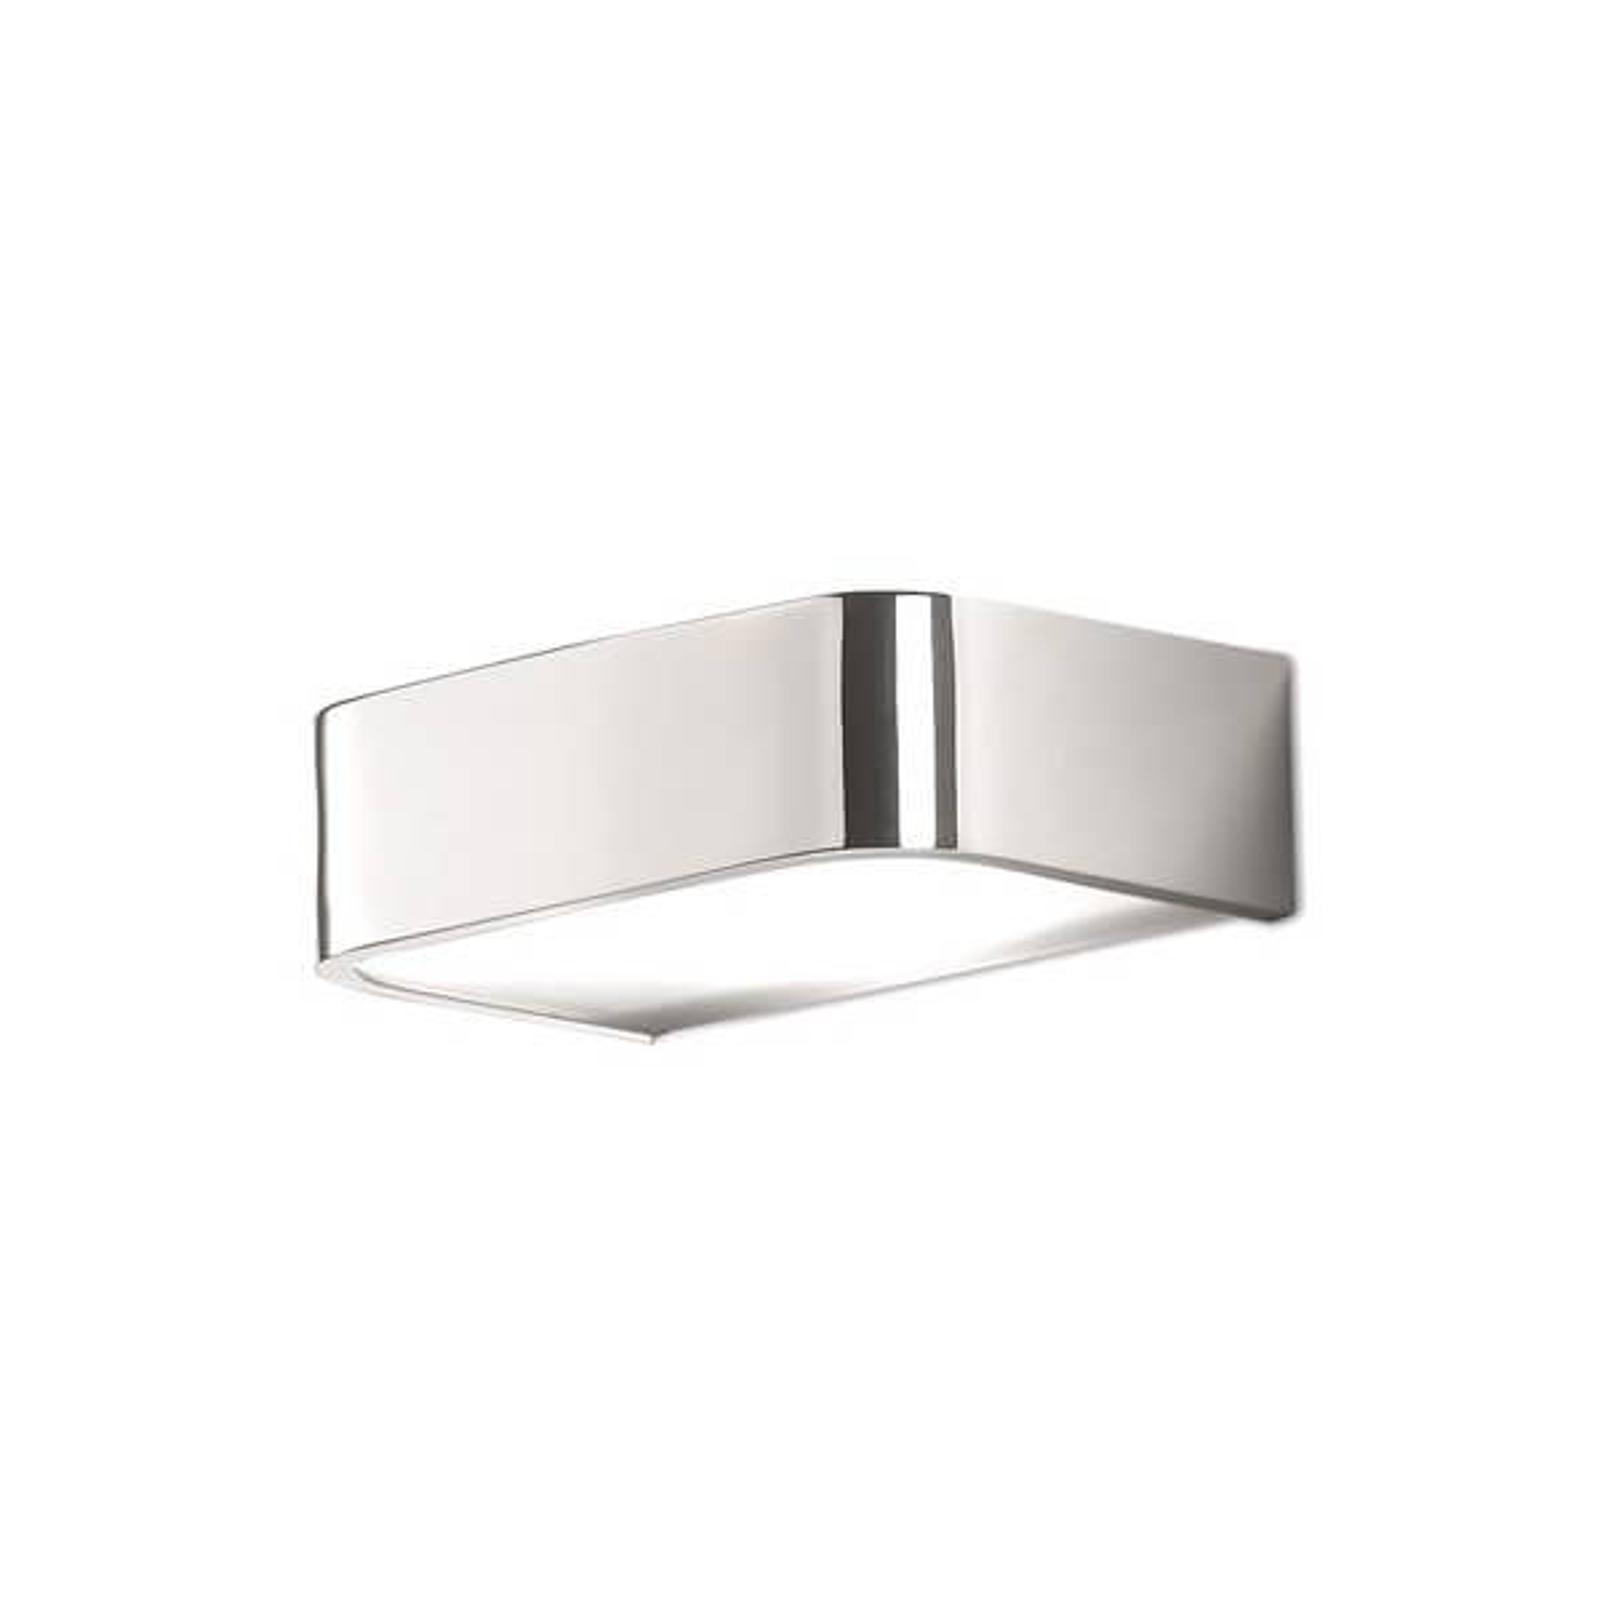 Arcos væglampe med LED til bad, 15 cm, krom